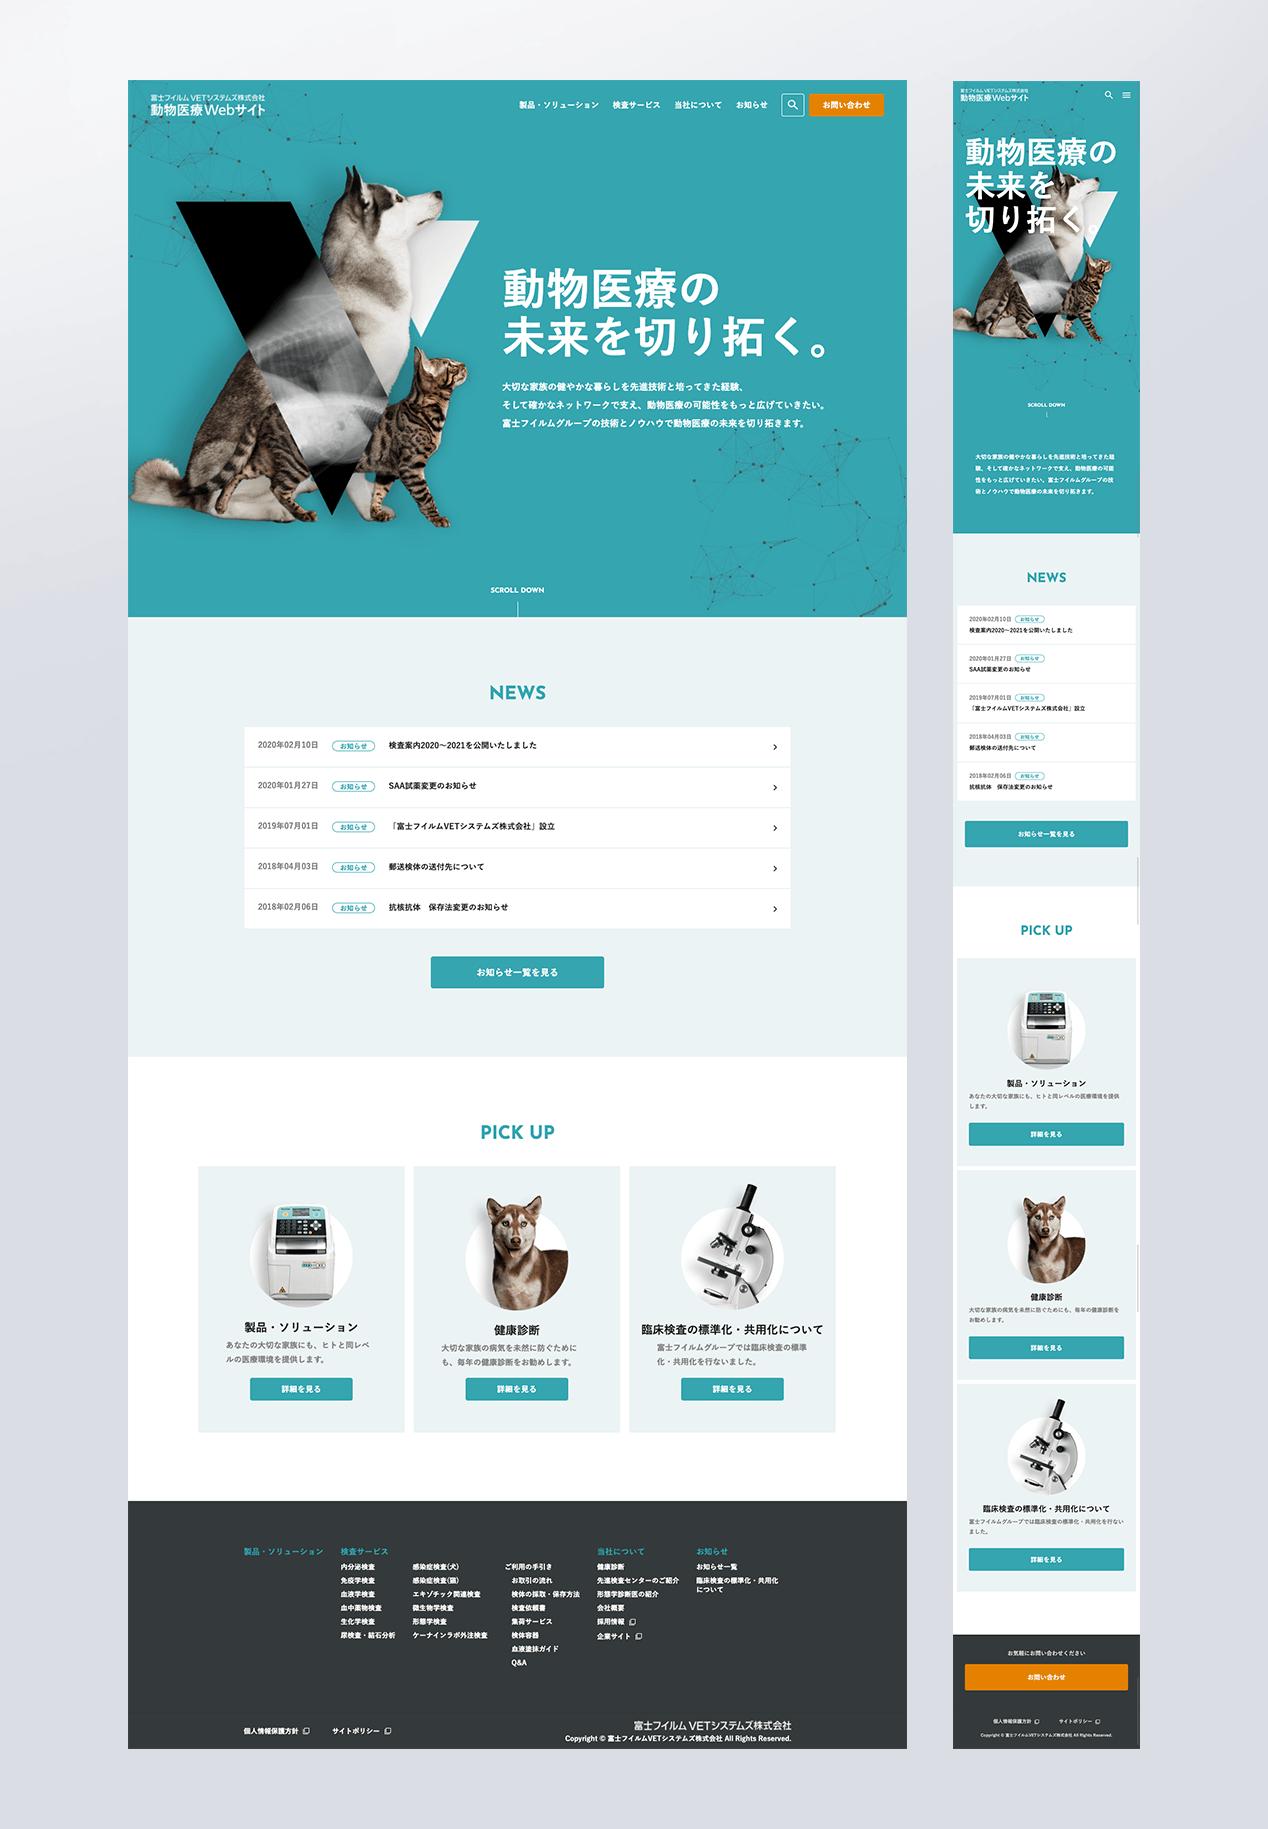 富士フイルムVETシステムズ 動物医療Webサイトの実績画像